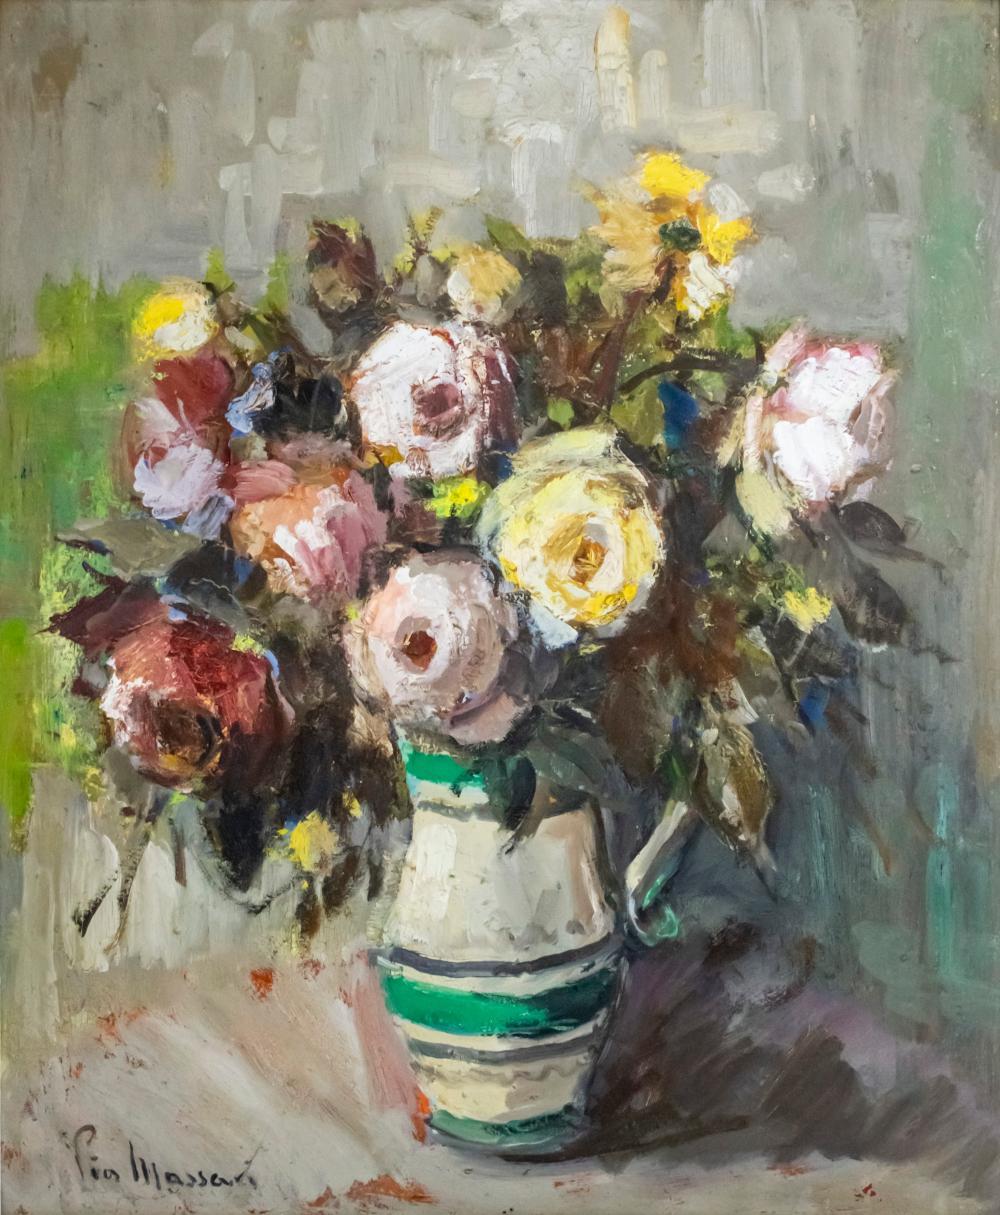 PIA MASSACI CAPSUNEANU (ROMANIAN, 1908-1992) - FLOWERS, OIL ON BOARD.